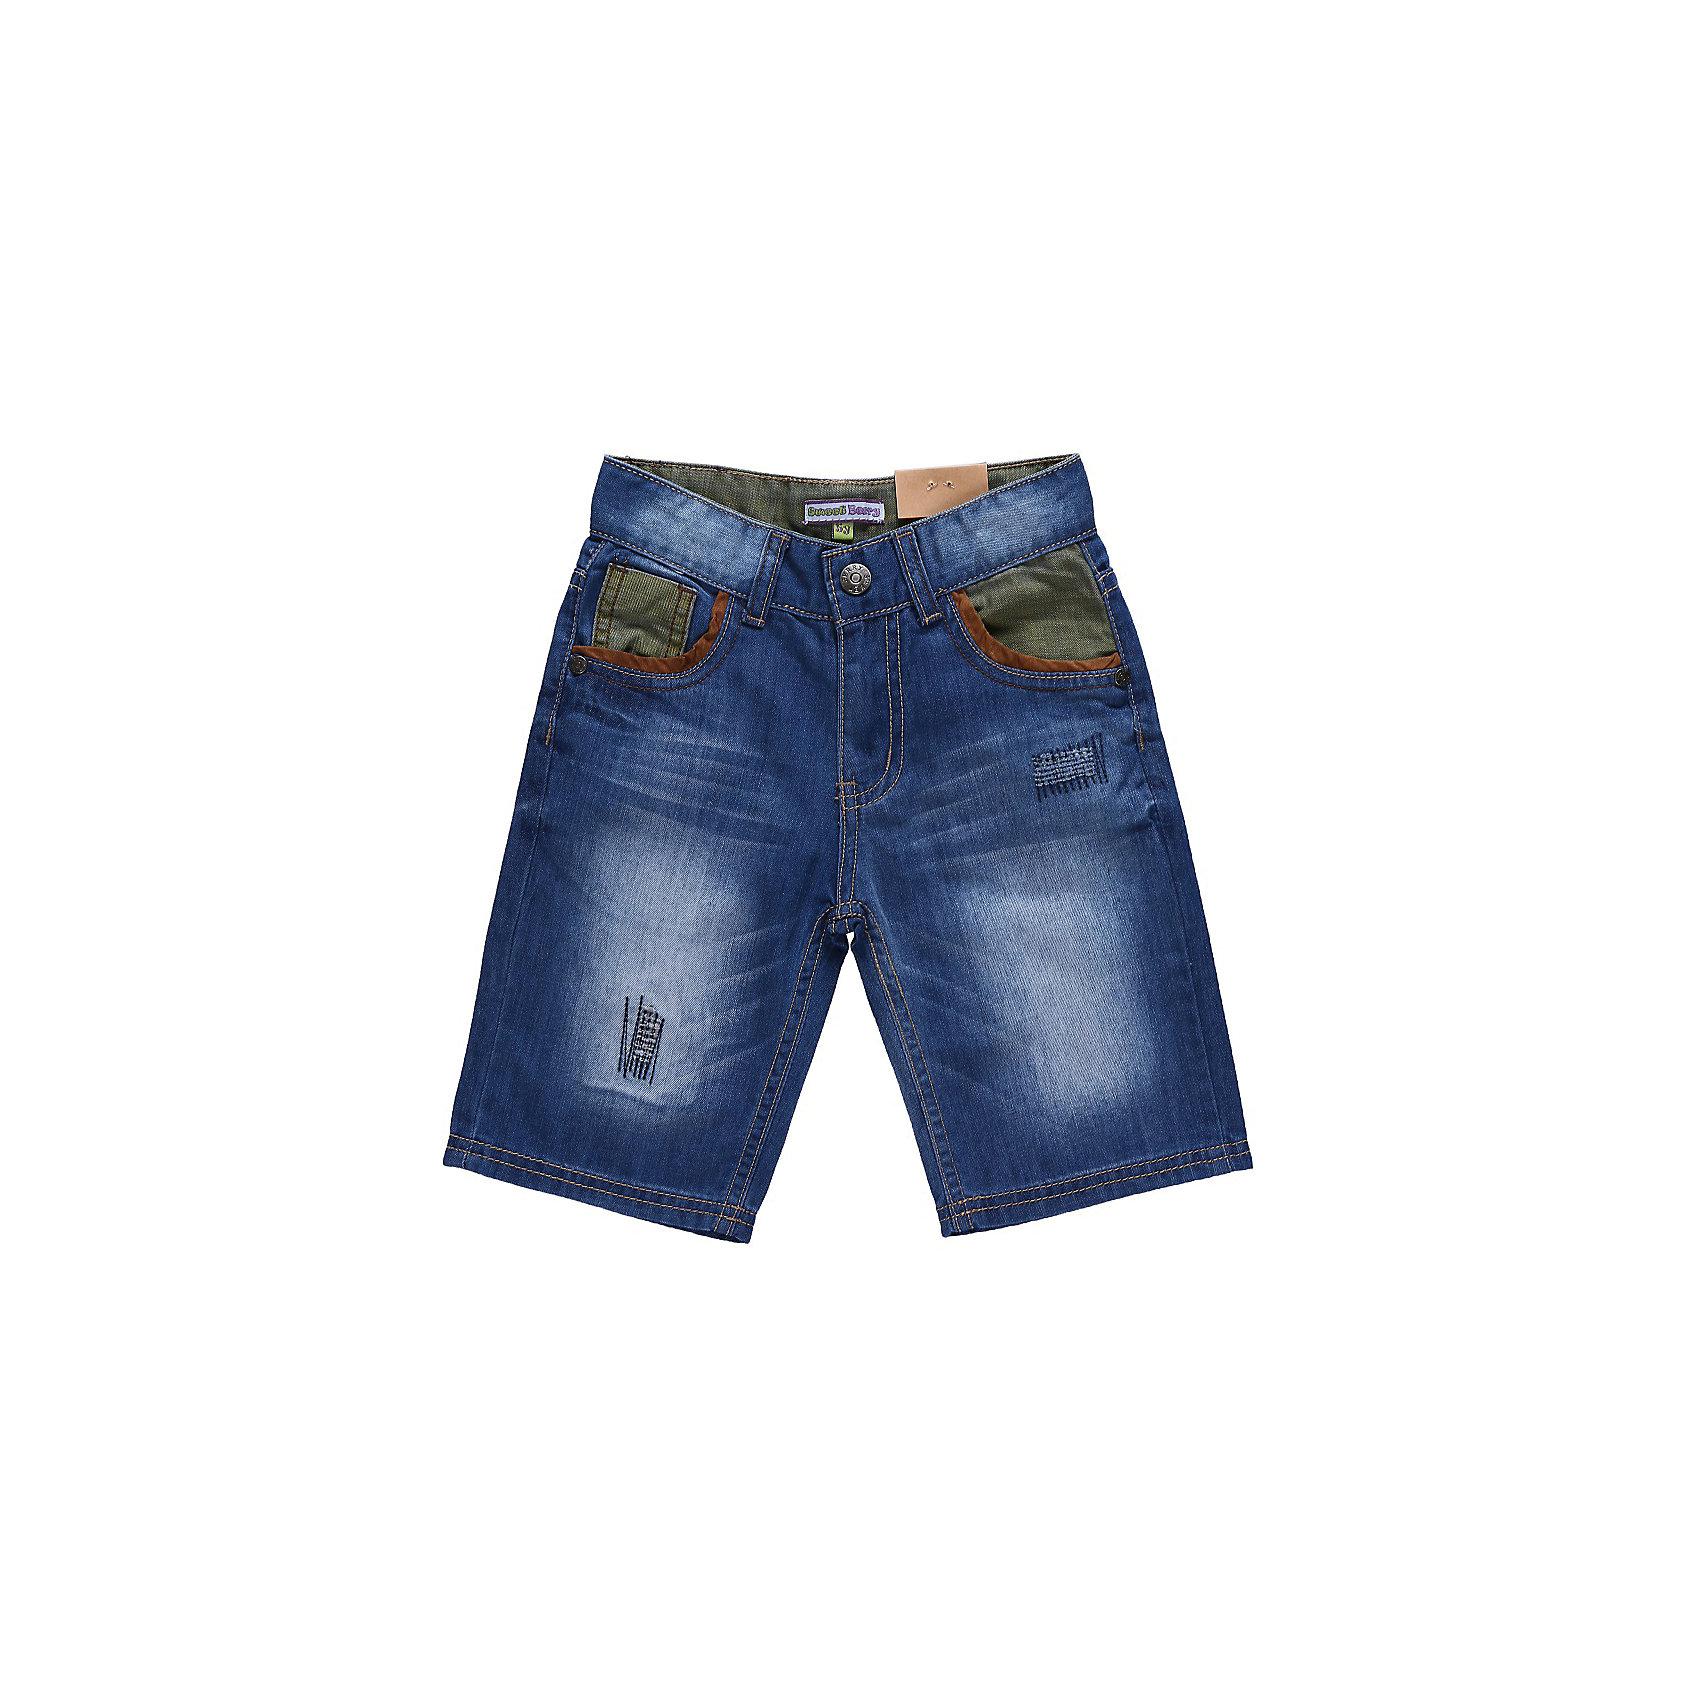 Бриджи джинсовые для мальчика Sweet BerryШорты, бриджи, капри<br>Джинсовые шорты с контрастными вставками из цветной джинсы. С регулировкой внутри на поясе.<br>Состав:<br>100% хлопок<br><br>Ширина мм: 191<br>Глубина мм: 10<br>Высота мм: 175<br>Вес г: 273<br>Цвет: синий<br>Возраст от месяцев: 24<br>Возраст до месяцев: 36<br>Пол: Мужской<br>Возраст: Детский<br>Размер: 98,128,122,110,116,104<br>SKU: 4522677